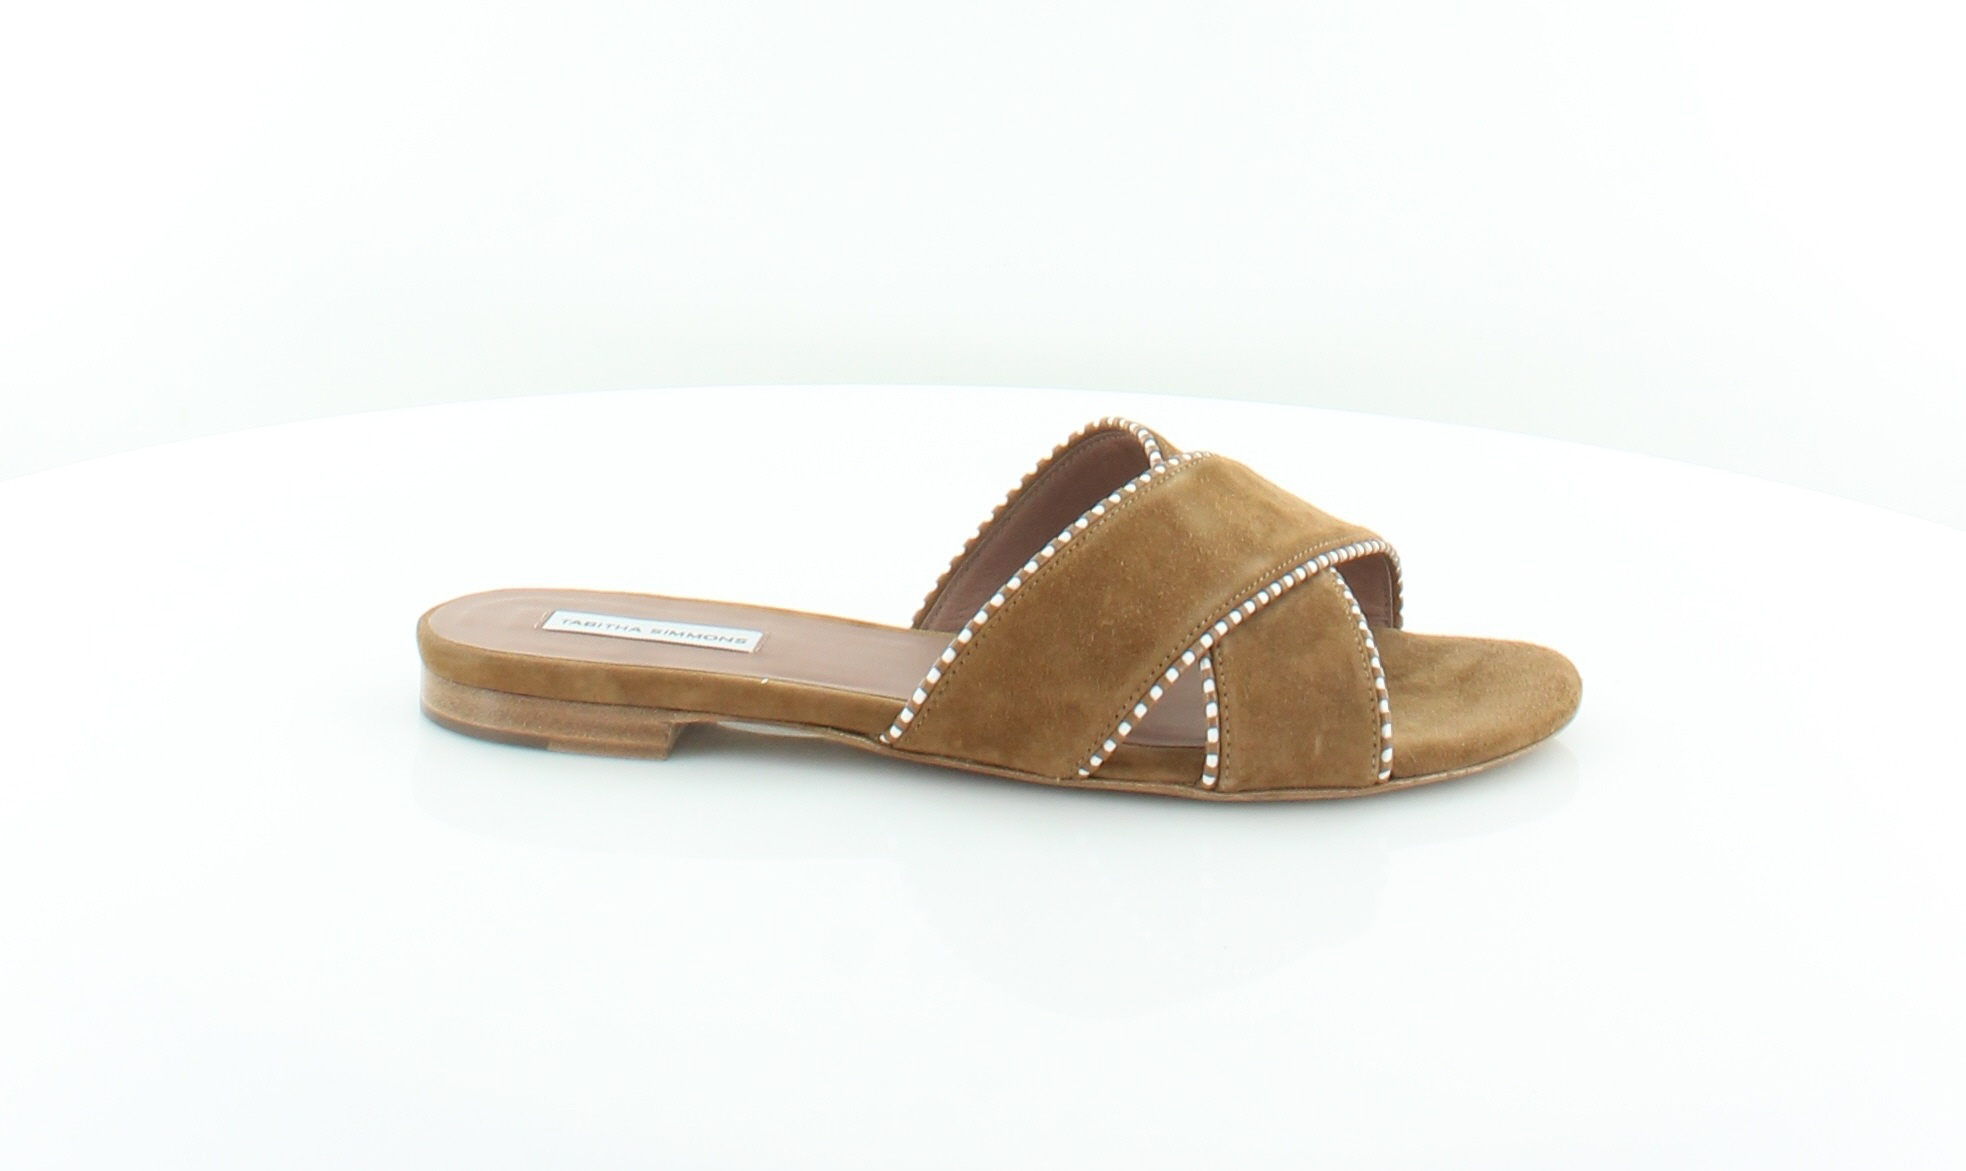 Tabitha Simmons Lassie Marrón Zapatos Zapatos Zapatos para mujer Talla 8.5 M Sandalias MSRP  545  están haciendo actividades de descuento